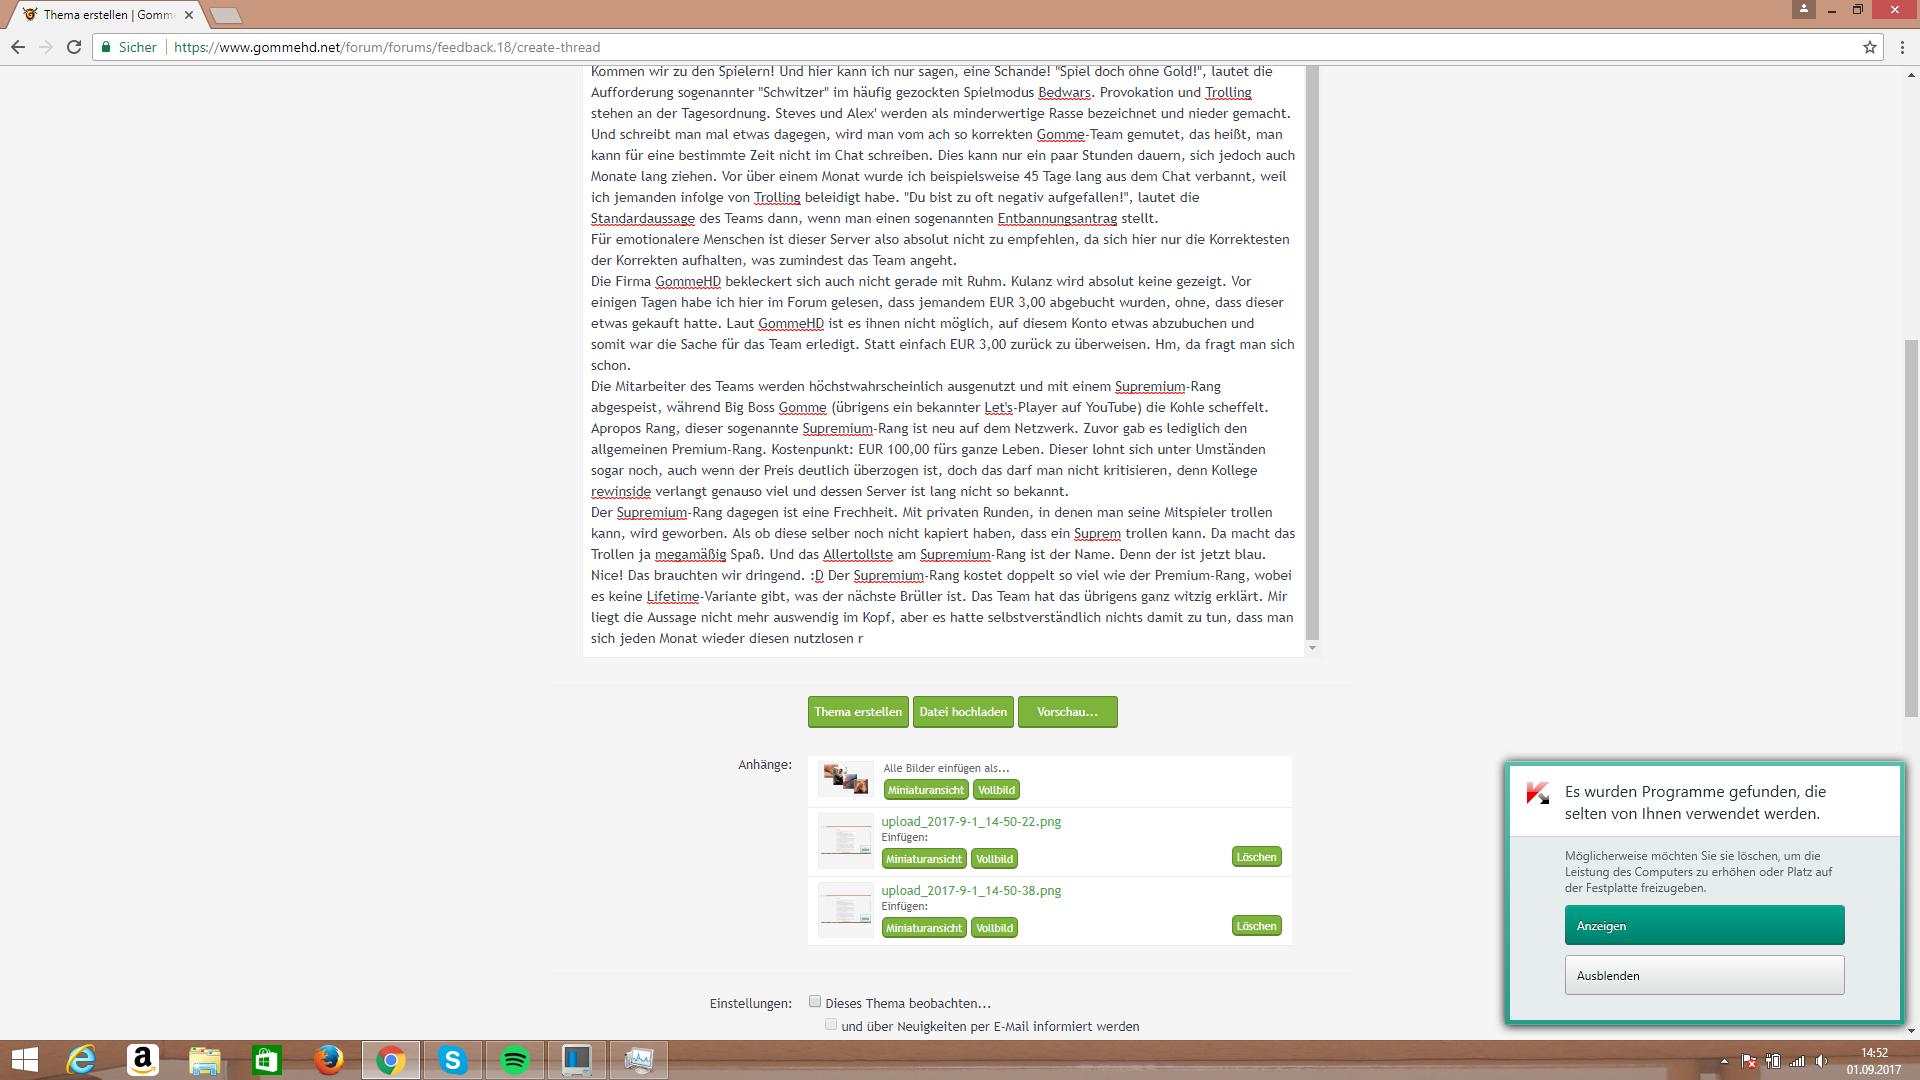 GommeHD Das Feedback GommeHDnet - Minecraft server erstellen wie gommehd